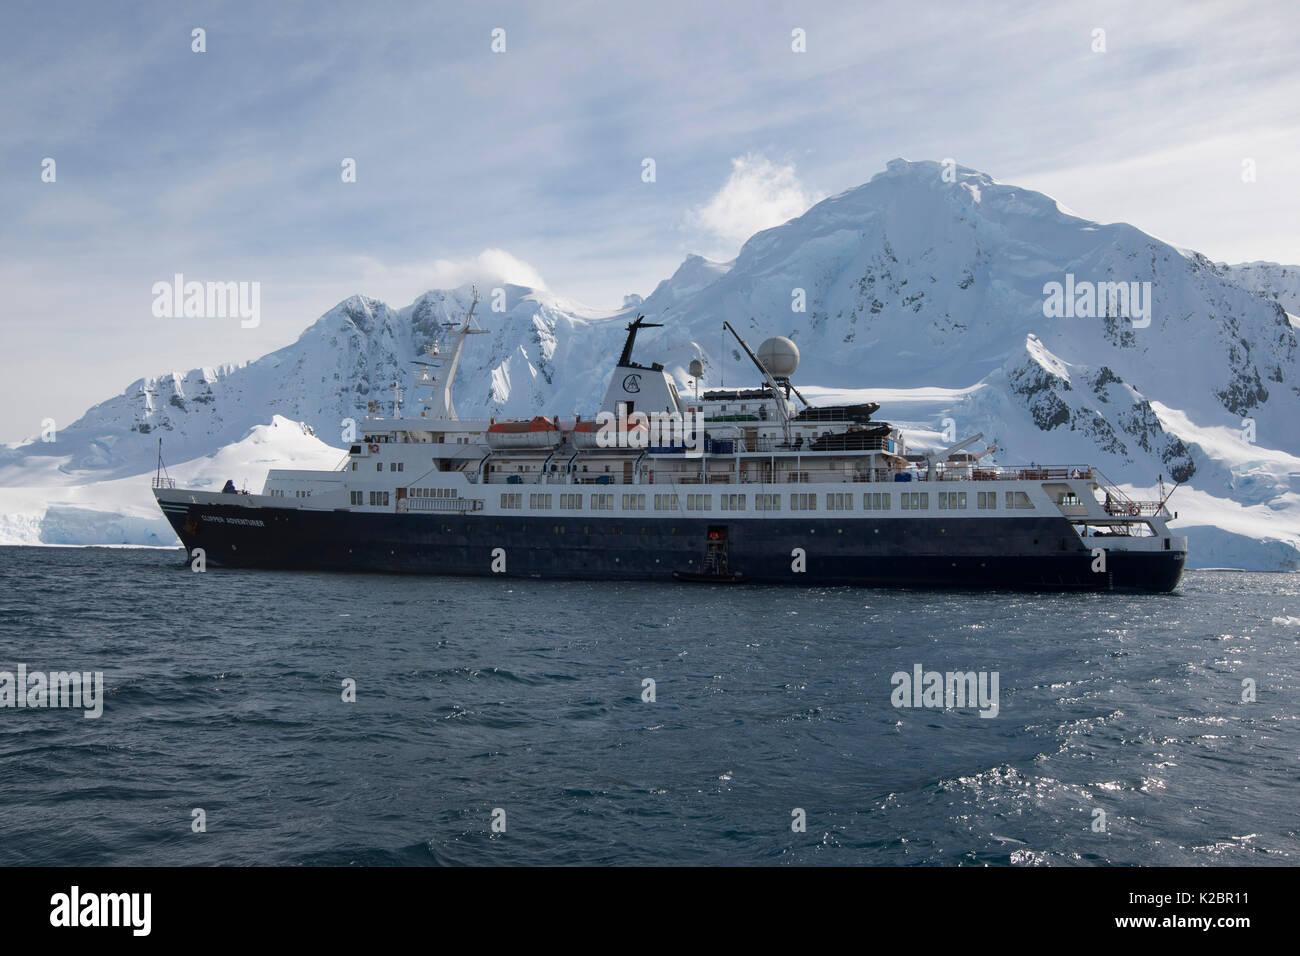 'Clipper Adventurer' che sono ancorate al largo di Brabant isola, a sud le isole Shetland, Penisola antartica. Novembre, 2011. Tutti i non-usi editoriali deve essere eliminato singolarmente. Immagini Stock